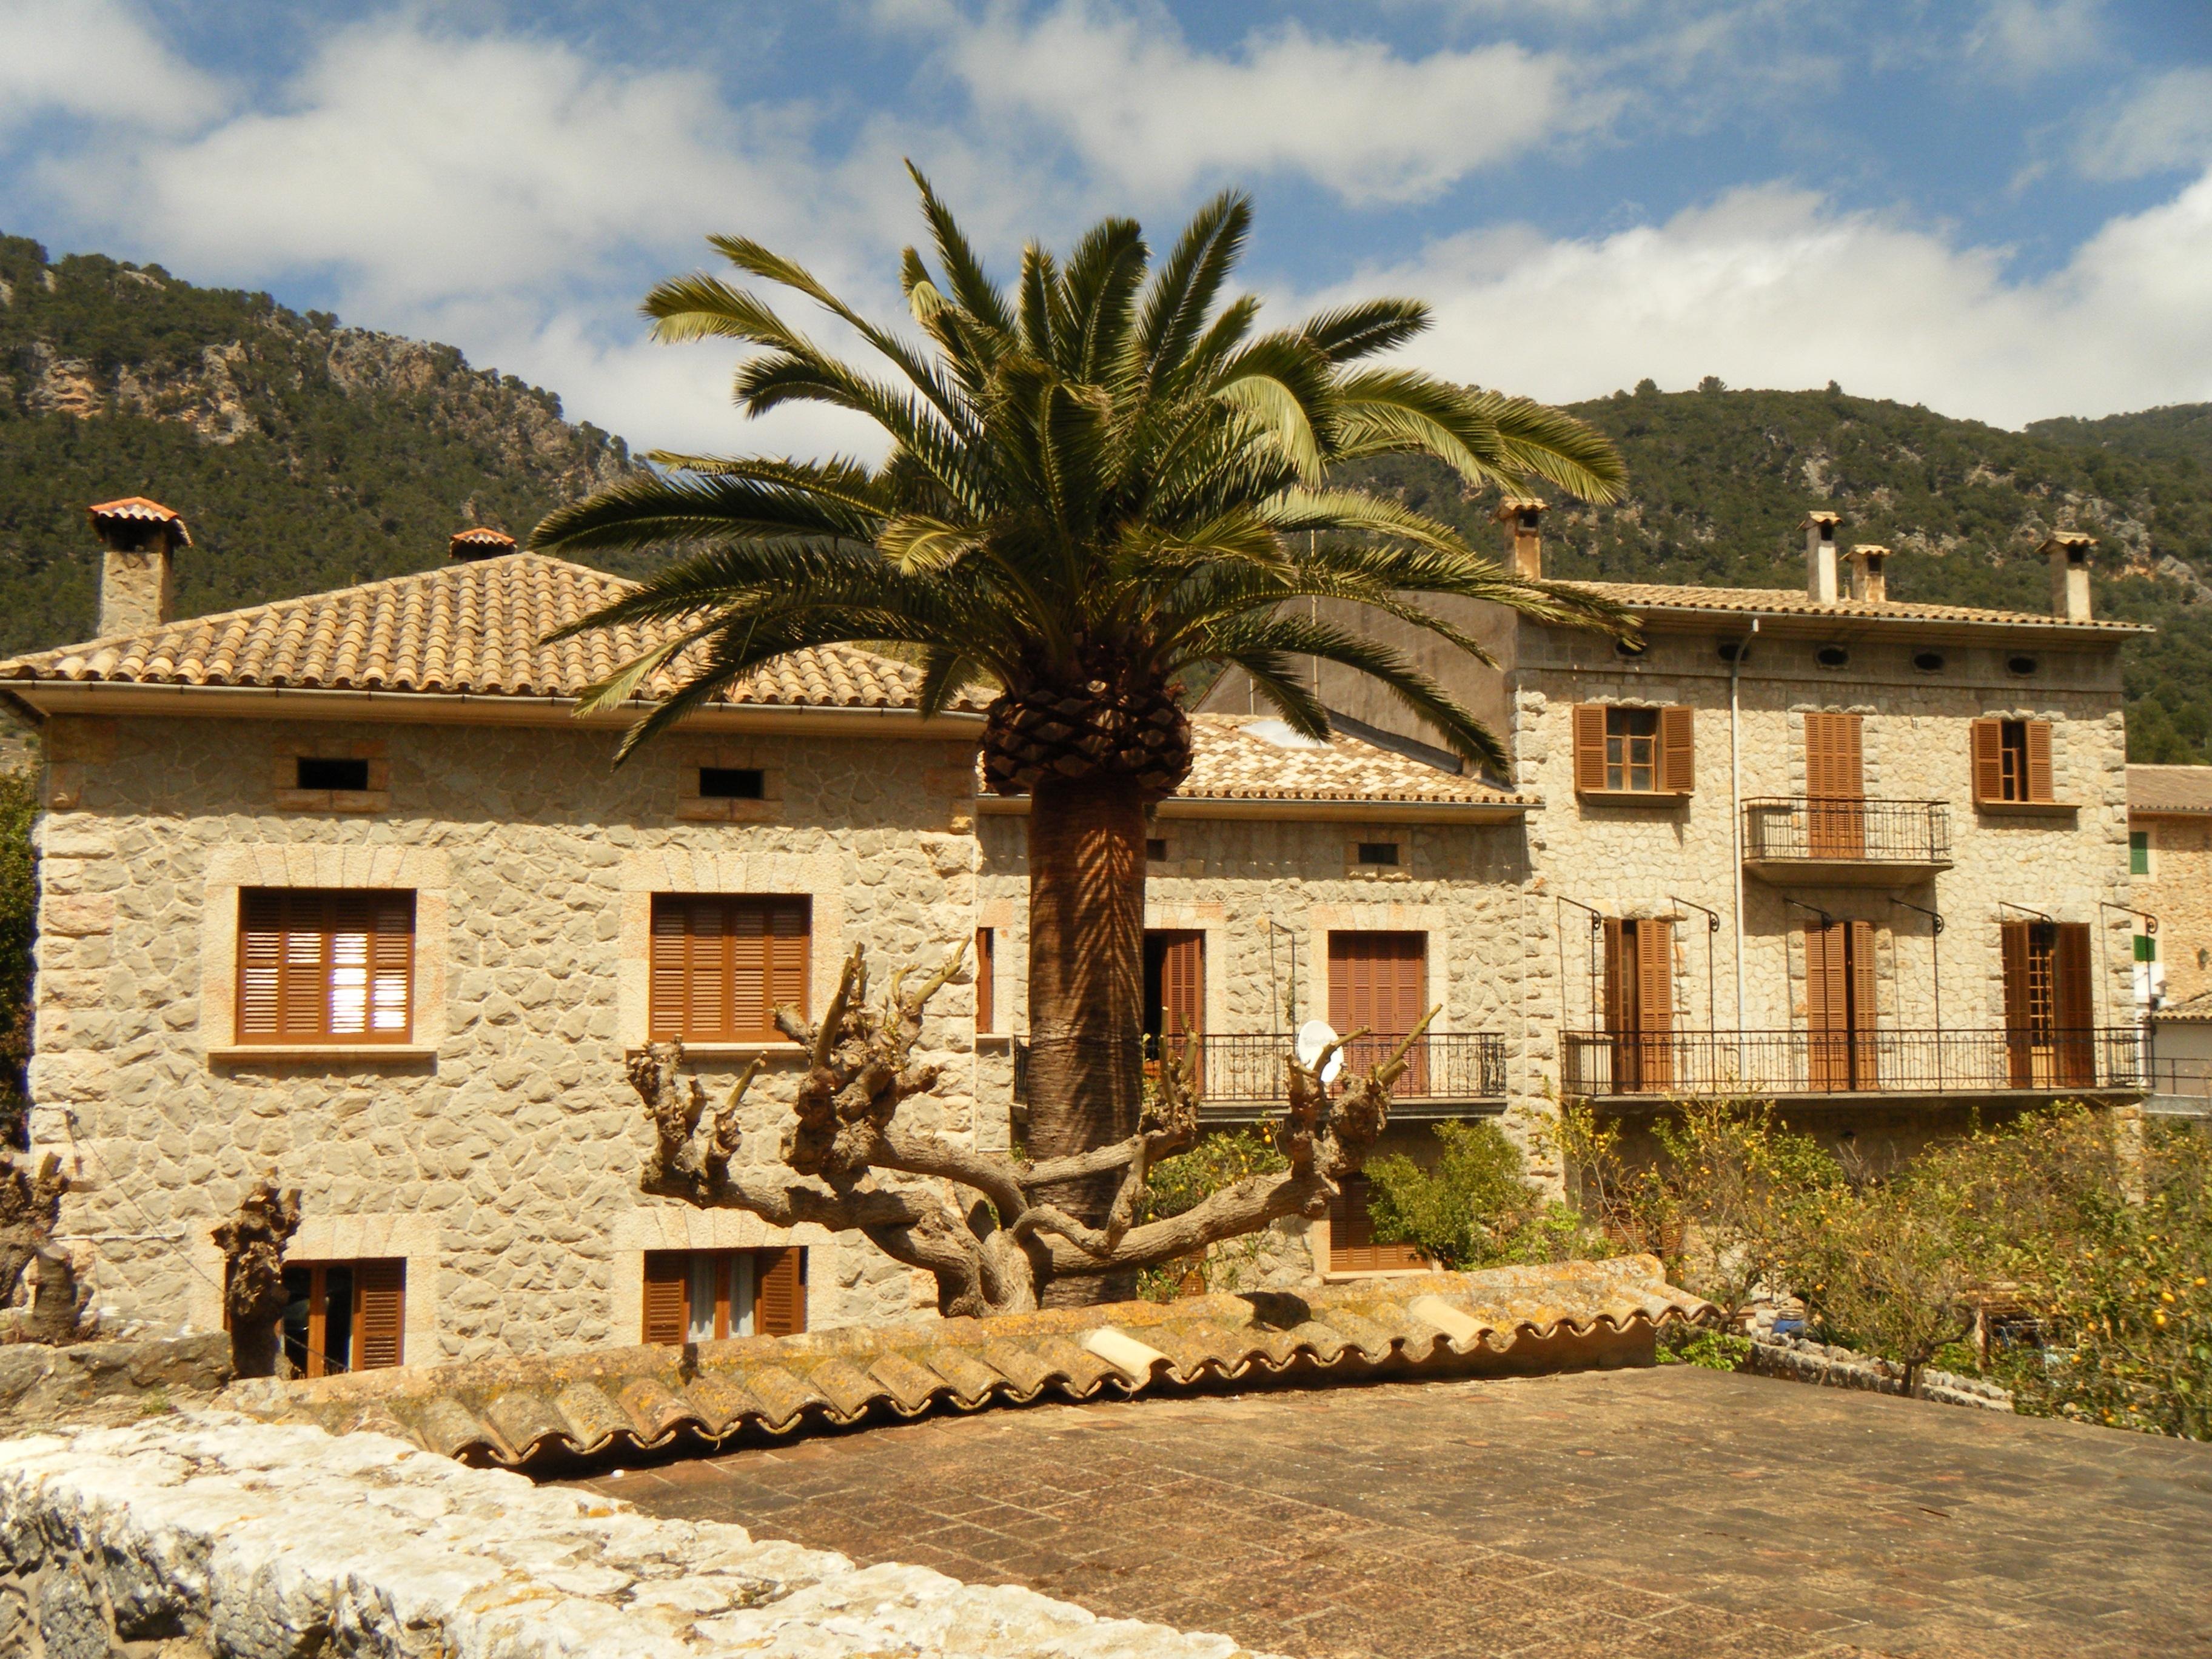 Fotos gratis arquitectura villa palacio ver edificio ciudad vacaciones pueblo caba a - Bienes raices espana ...